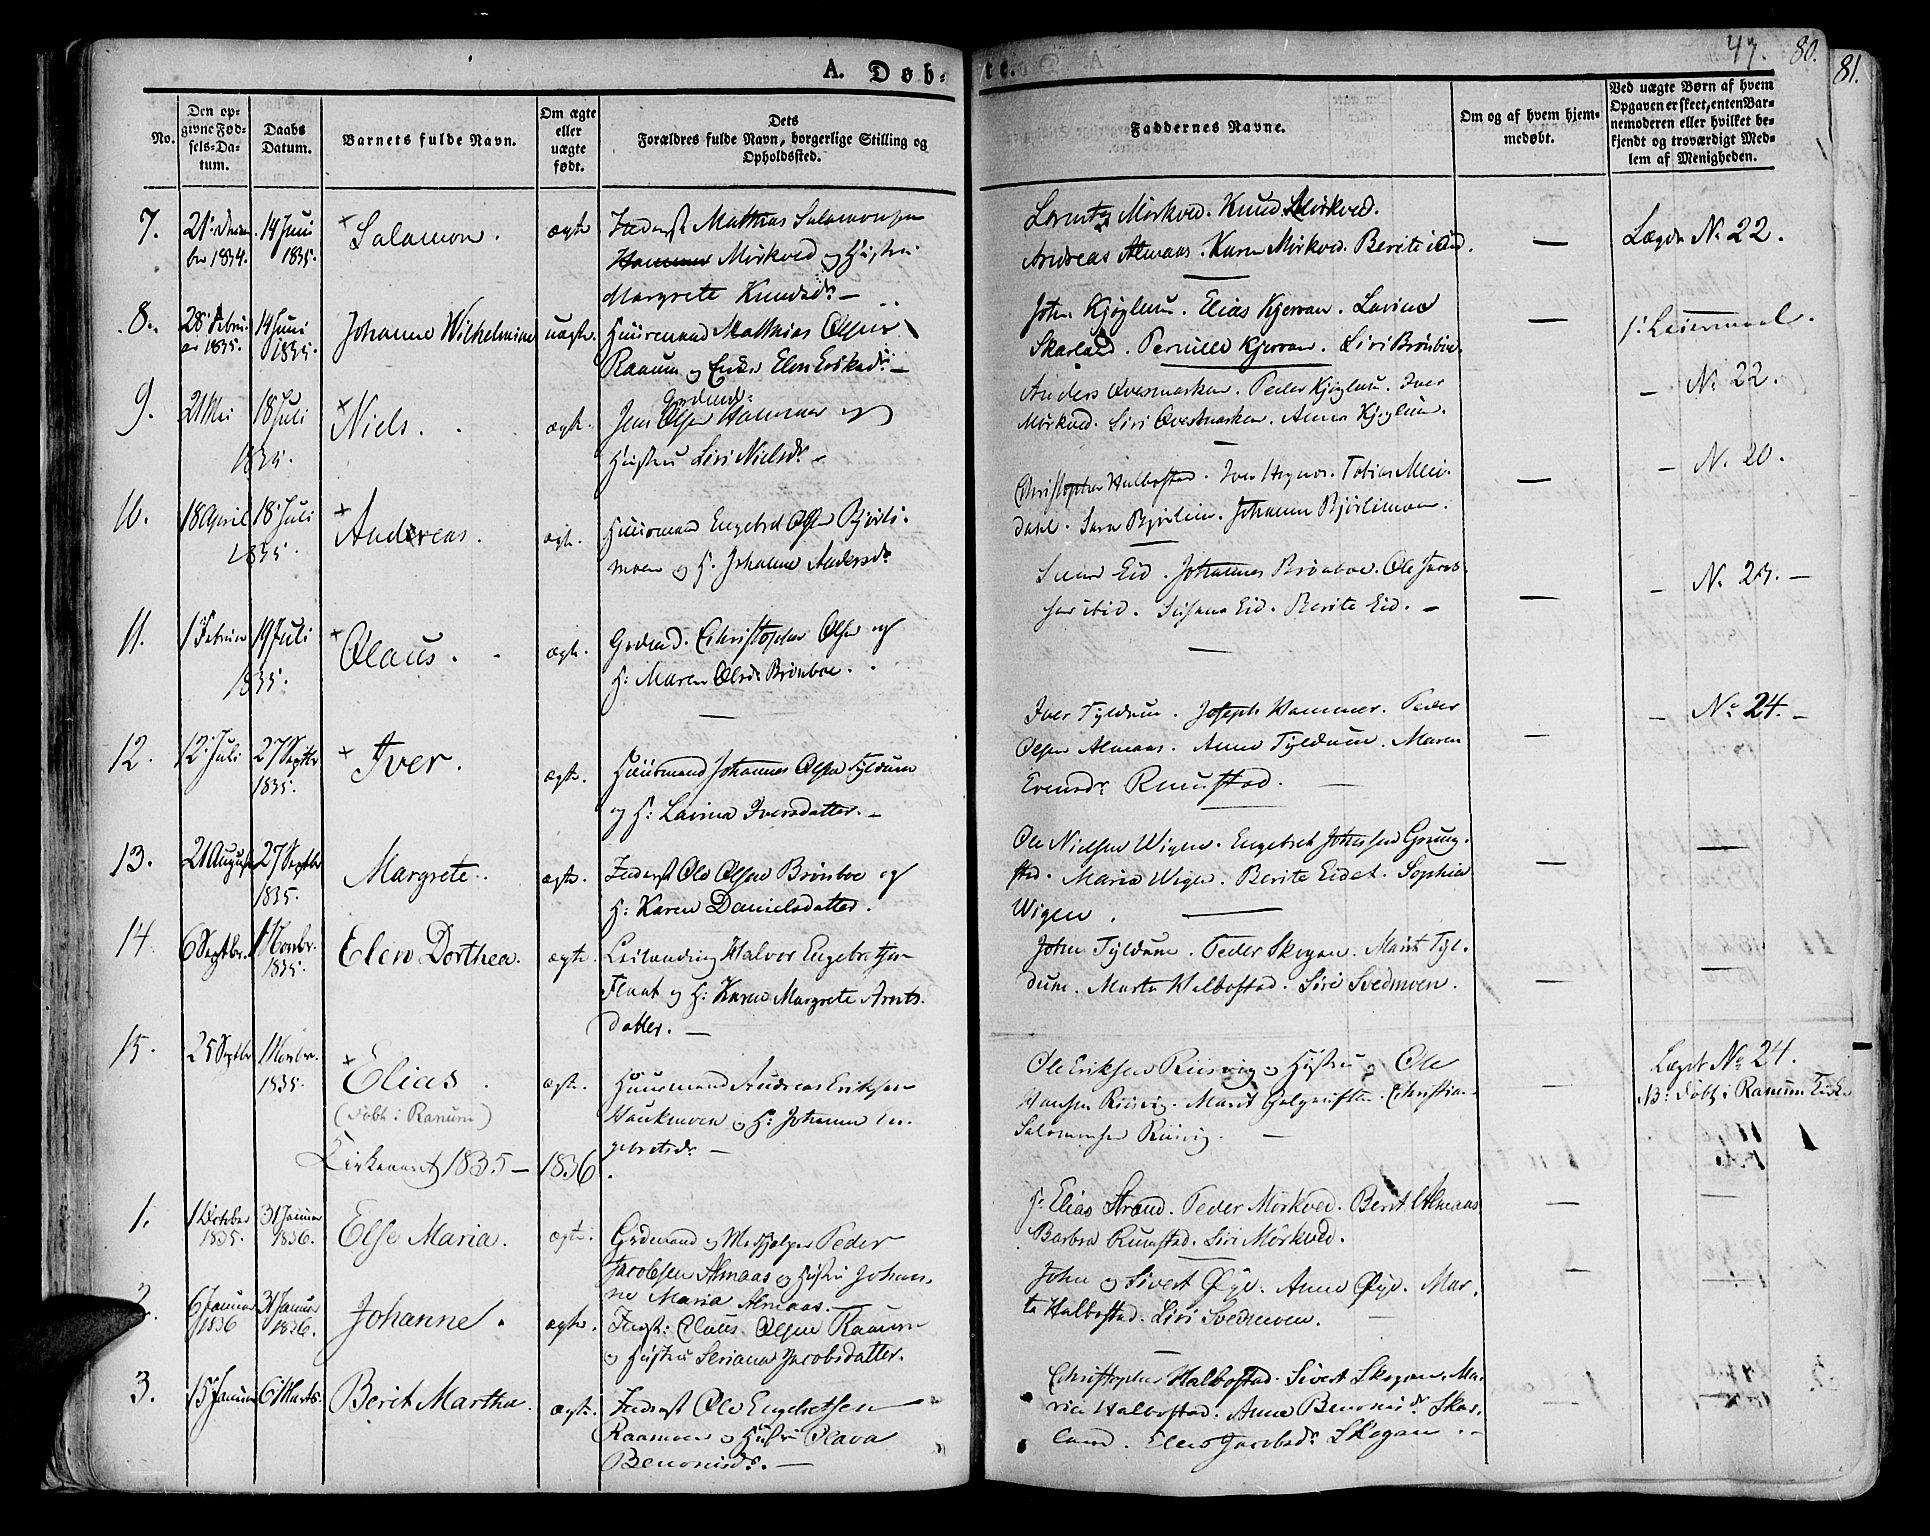 SAT, Ministerialprotokoller, klokkerbøker og fødselsregistre - Nord-Trøndelag, 758/L0510: Ministerialbok nr. 758A01 /2, 1821-1841, s. 47